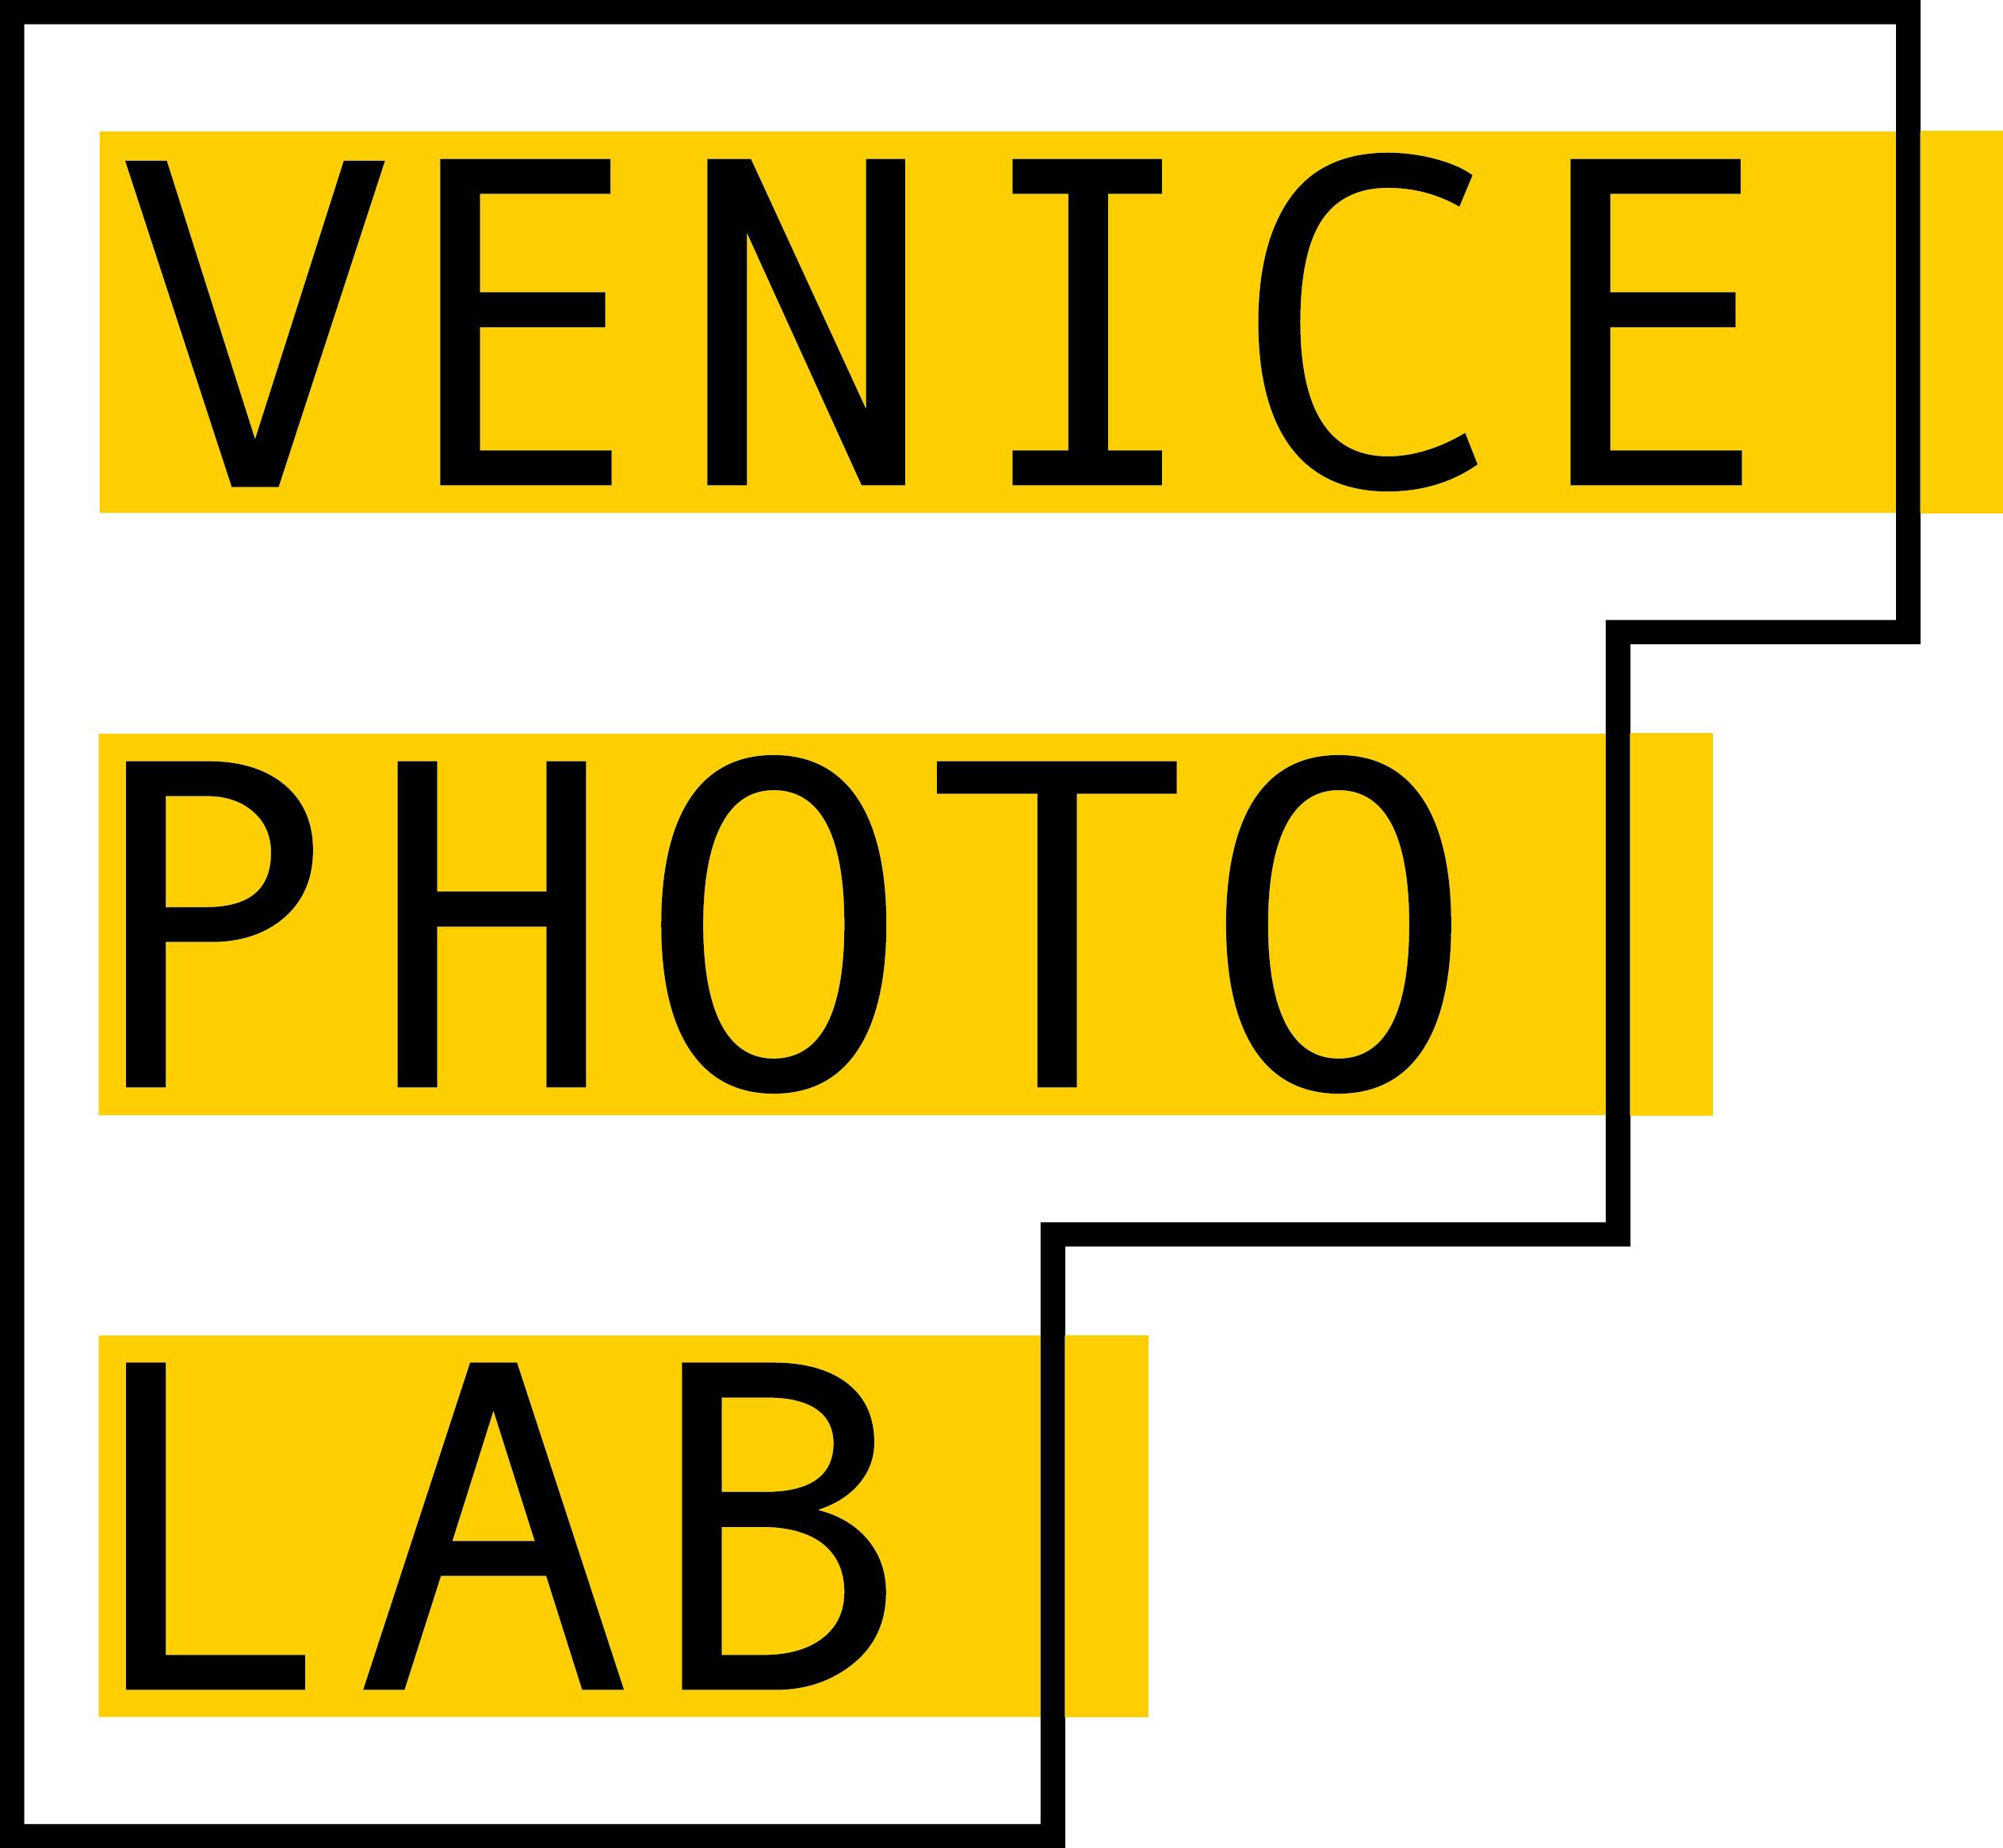 Venice Photo Lab